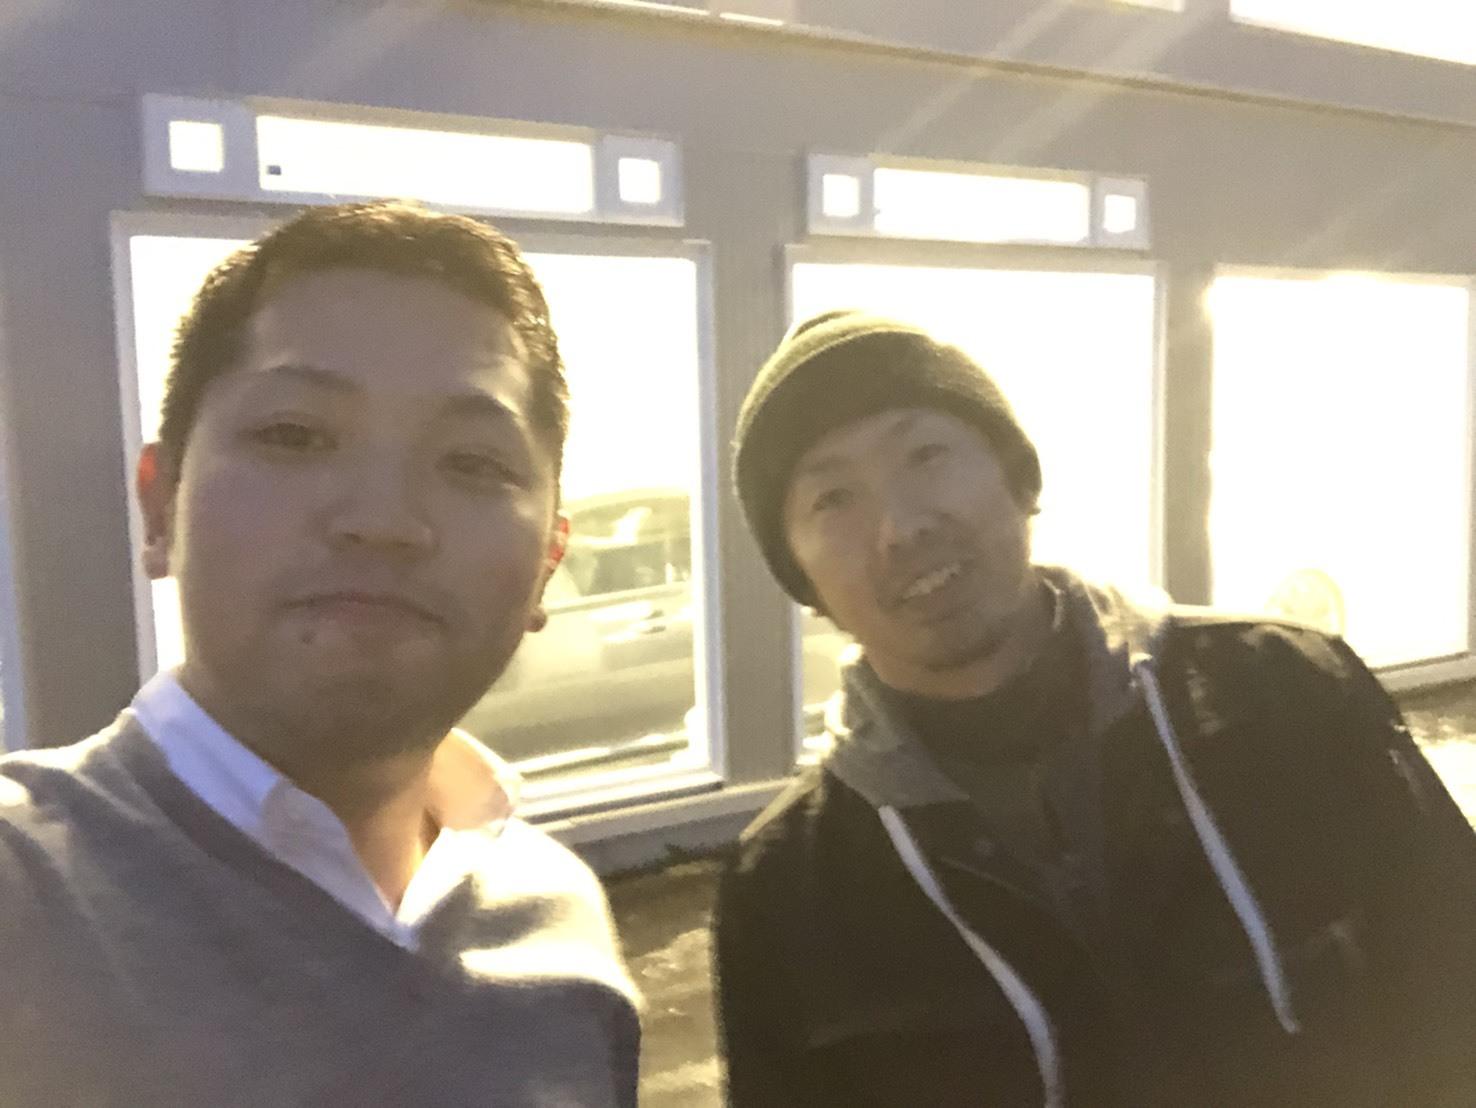 12月17日(火)トミーベースブログ☆レクサス♬LS460🎶LS600🎶フーガ♬スバル☆フォレスター☆レガシィ☆限定車🎶自社ローン♬ローンサポート_b0127002_16355673.jpg